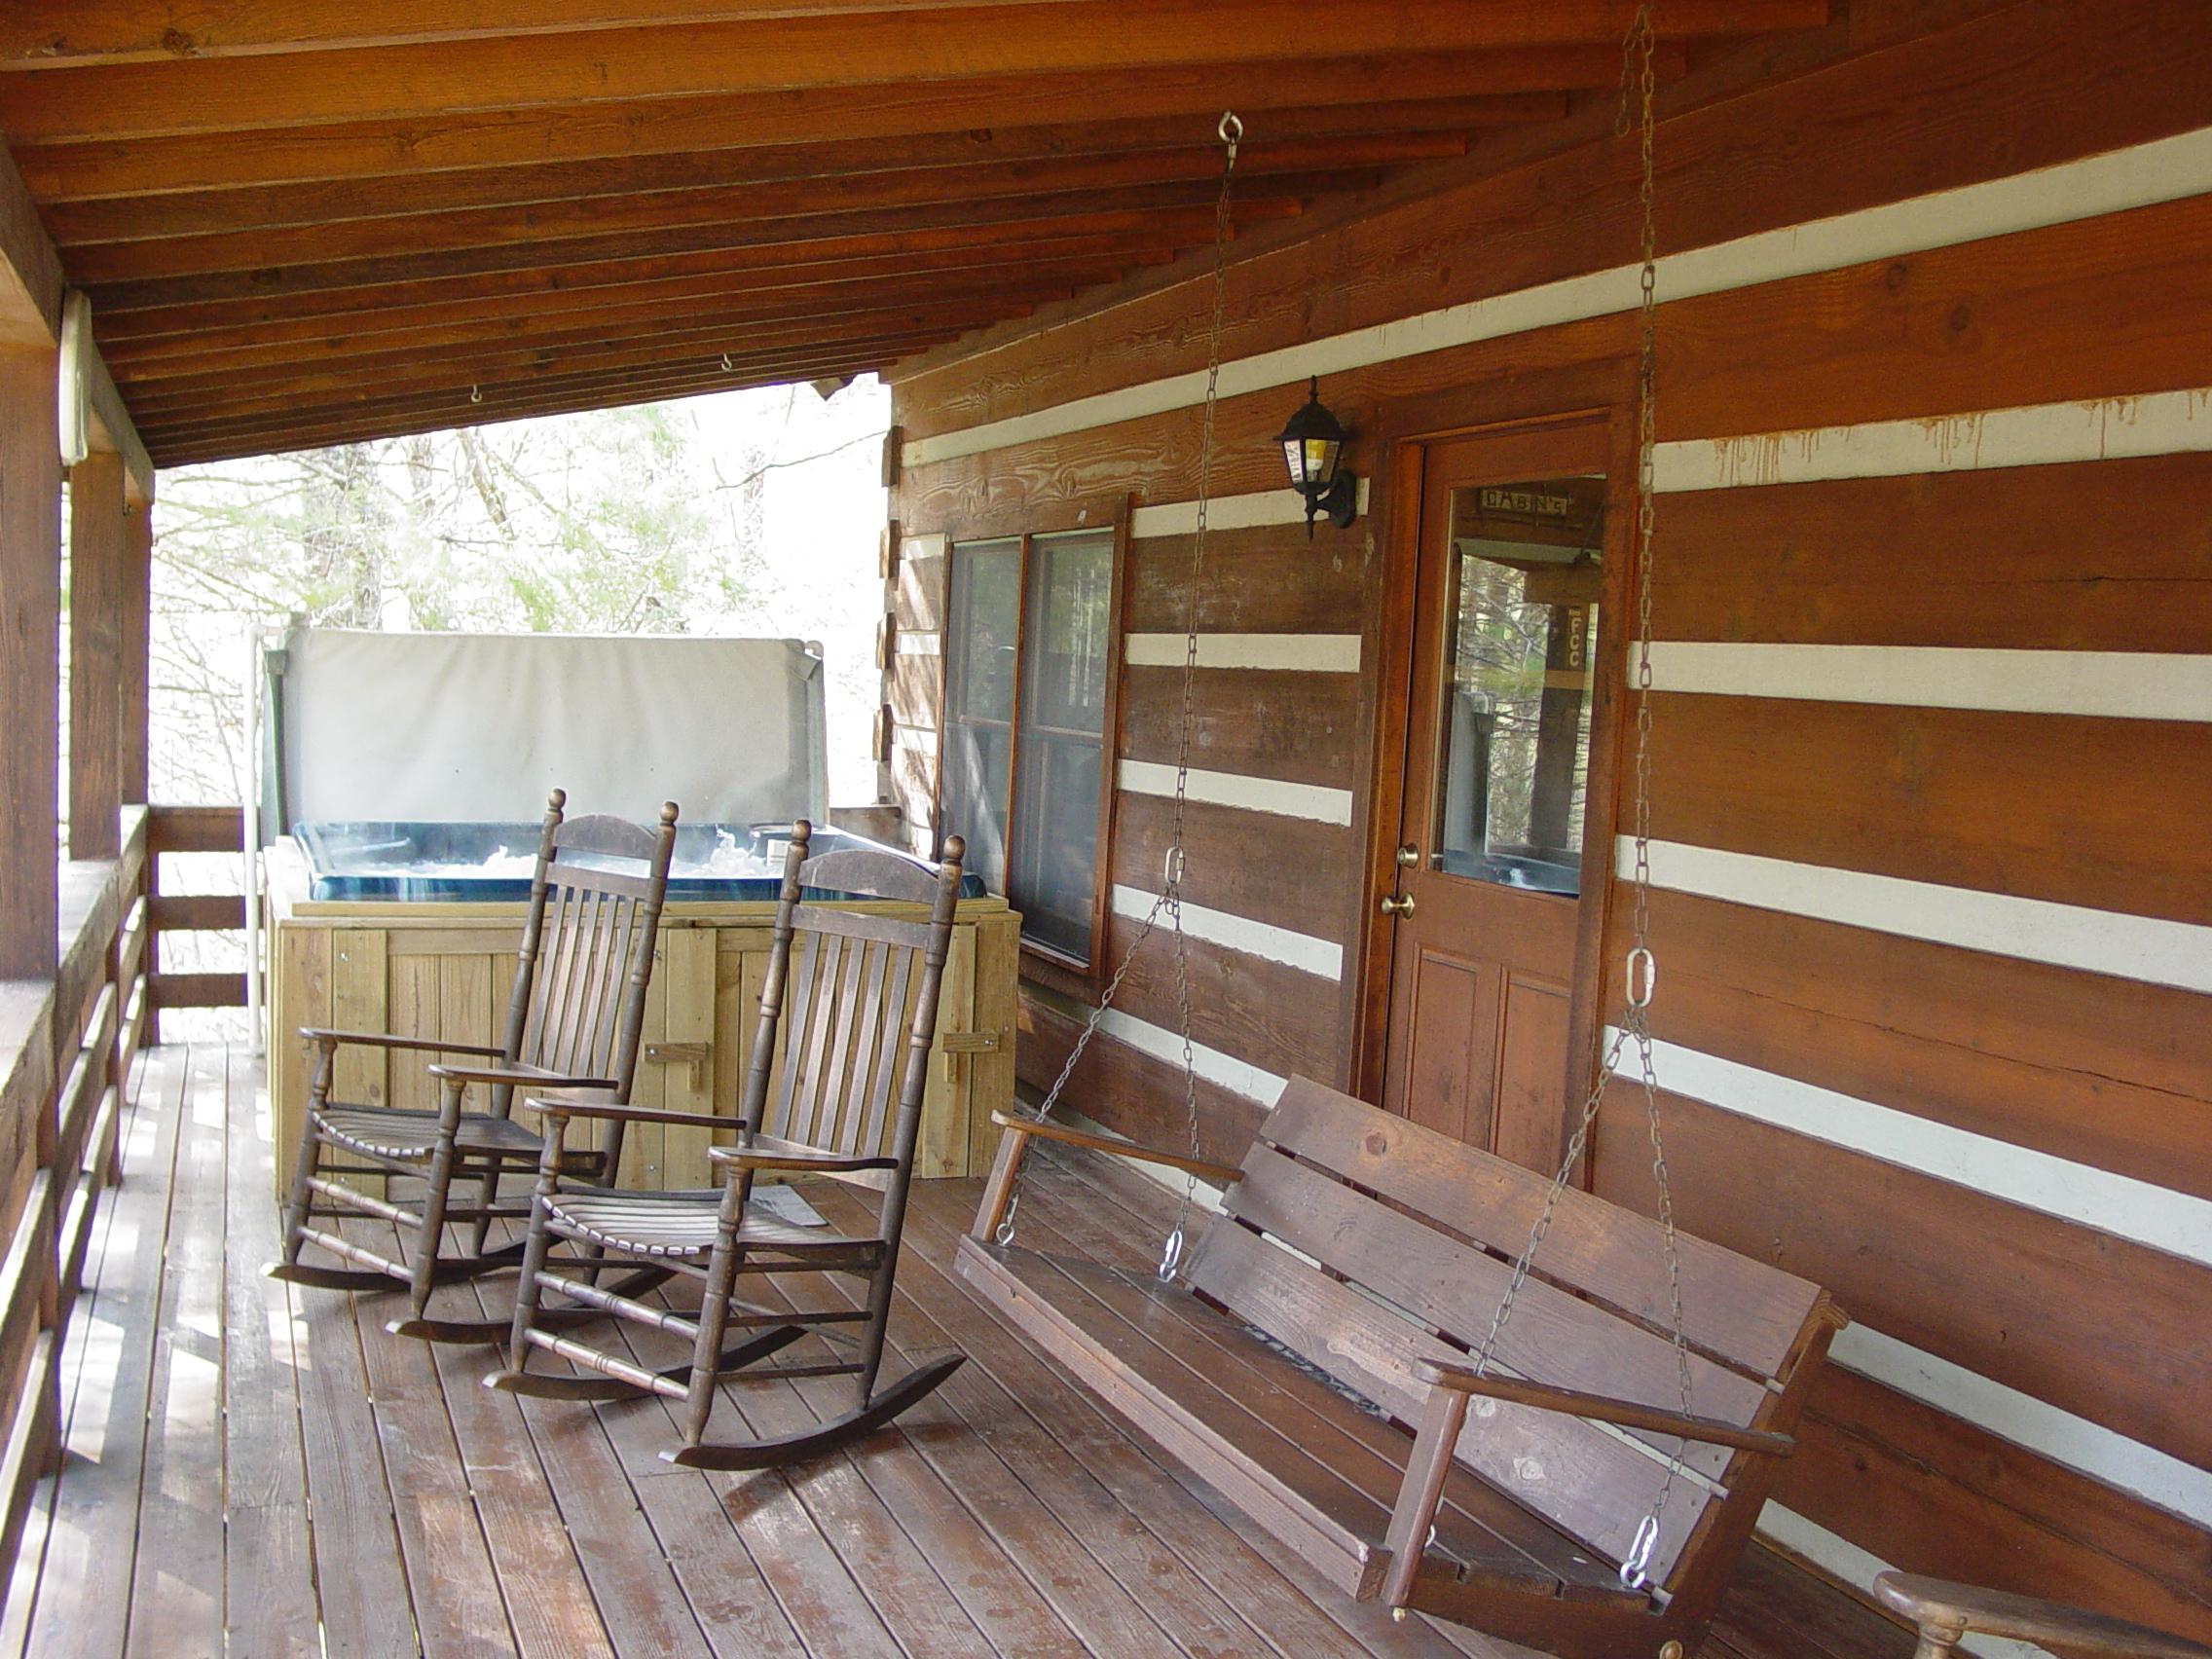 BH_Covered Porch_Mar_11_7_ 043.jpg